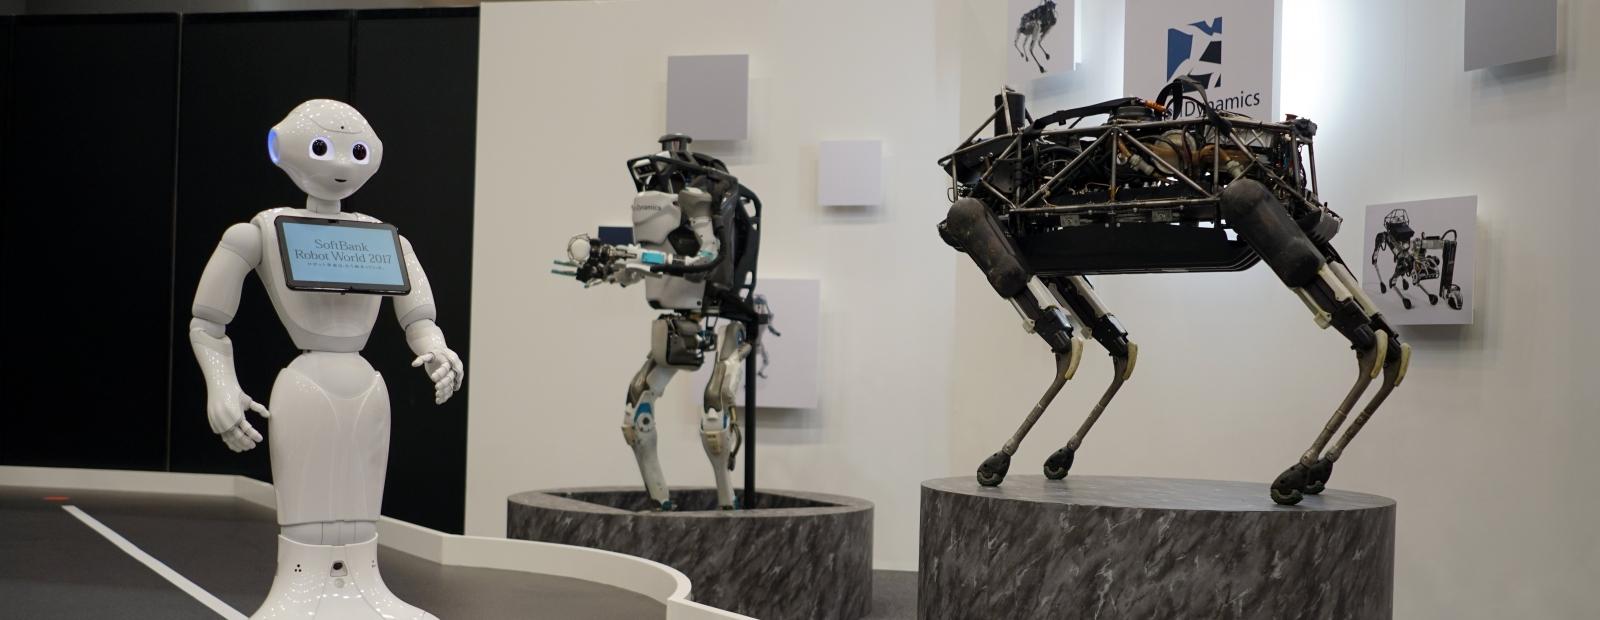 kas ir biržas tirdzniecības roboti izsekot Bitcoin naudu